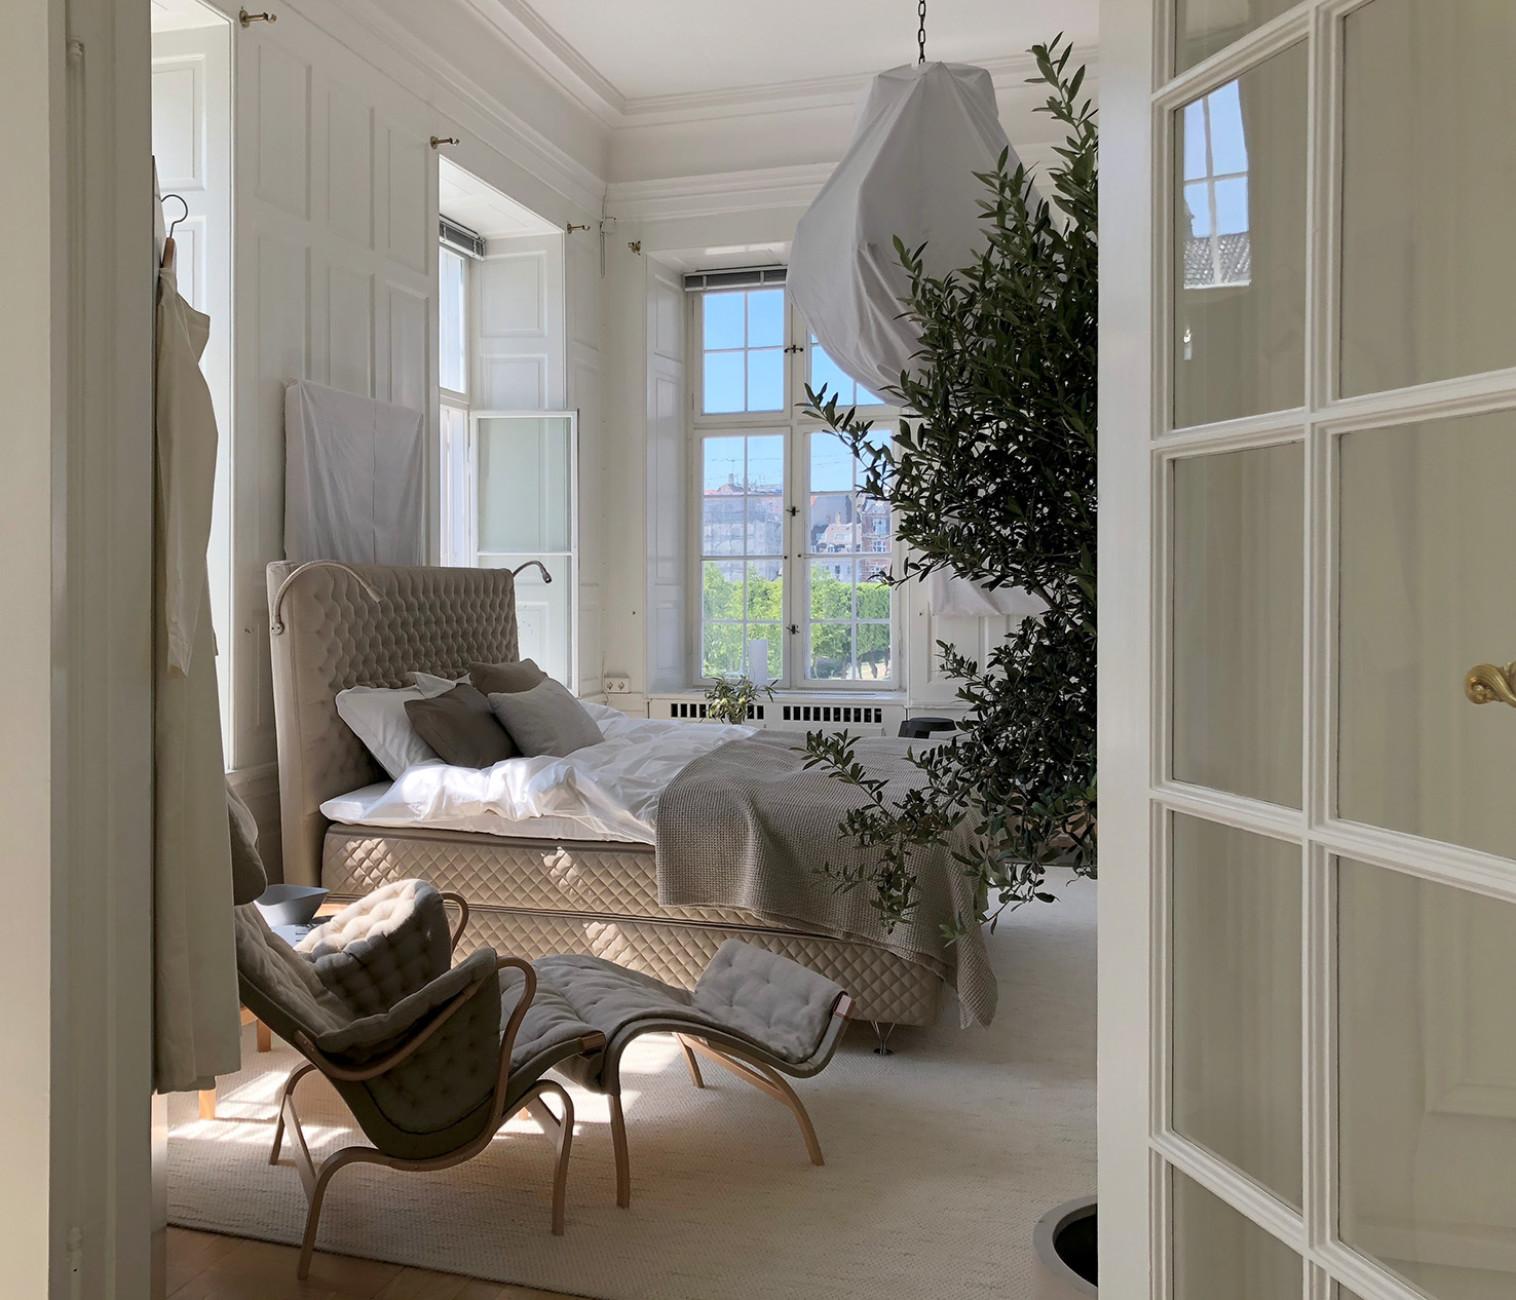 Interior-Designerin Lotta Agaton verwandelte die Räume der schwedischen Botschaft zu den 3DaysofDesign in einen Sommerhaustraum mit Betten von DUX.